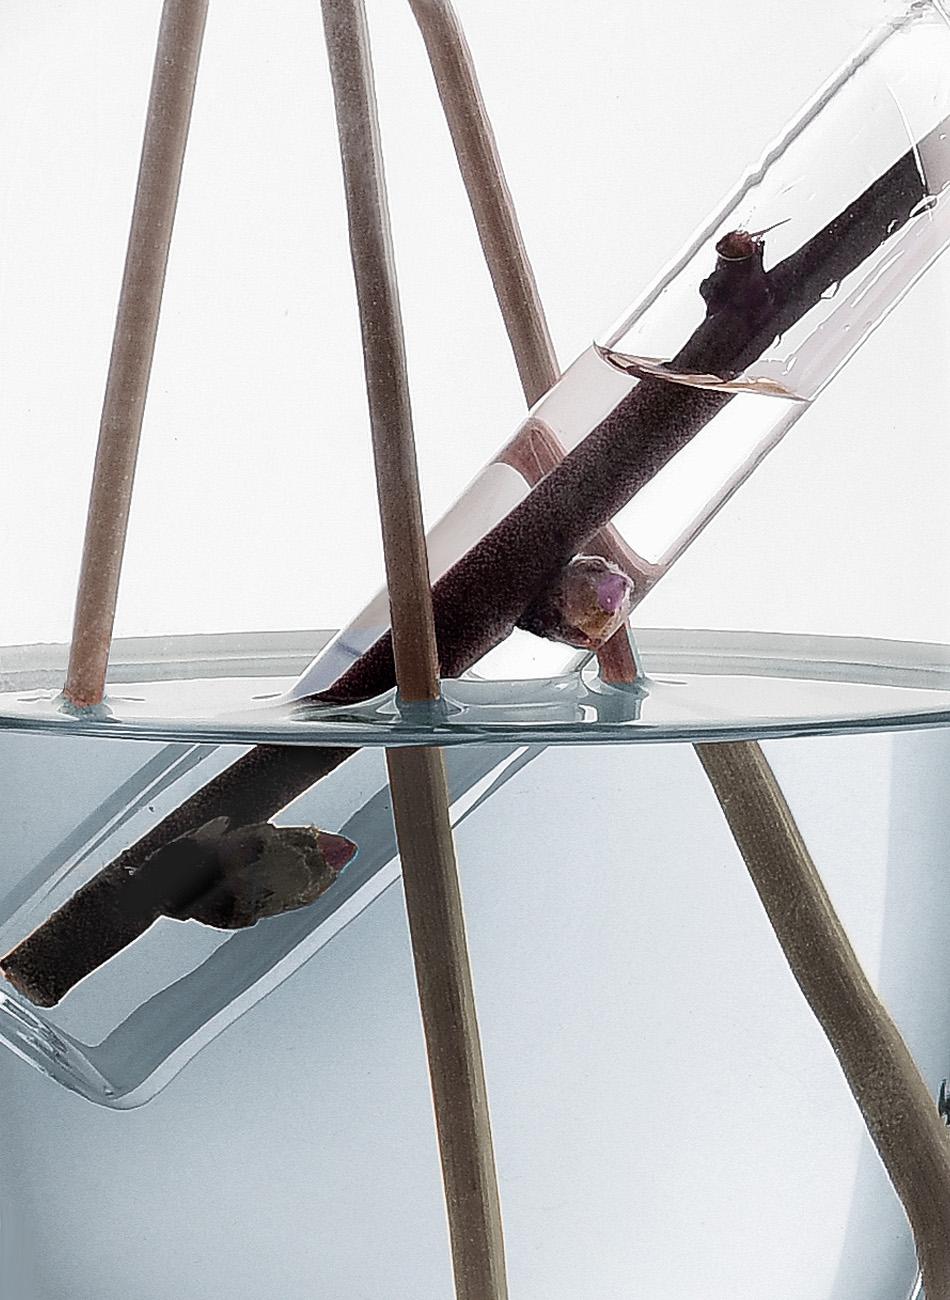 vase perfume diffuser - Denis Guidone ichendorf design - 02